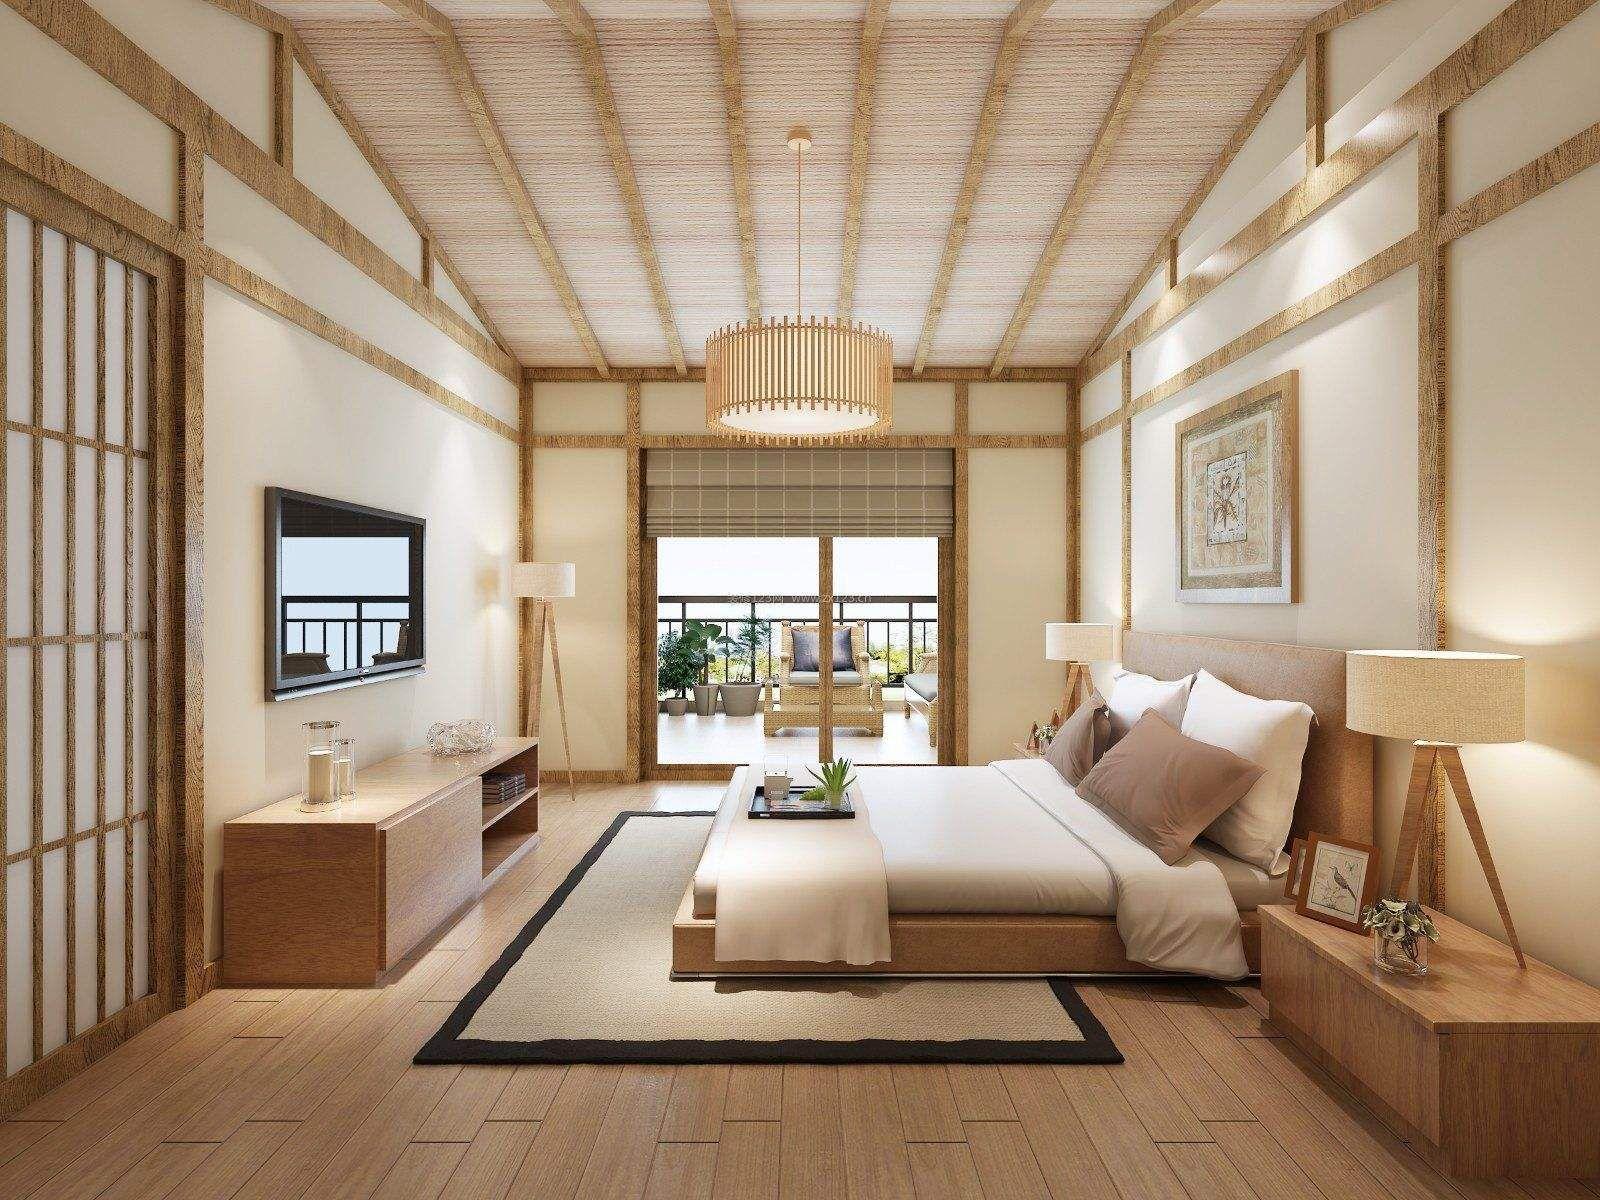 日式风格卧室设计 日式风格的介绍